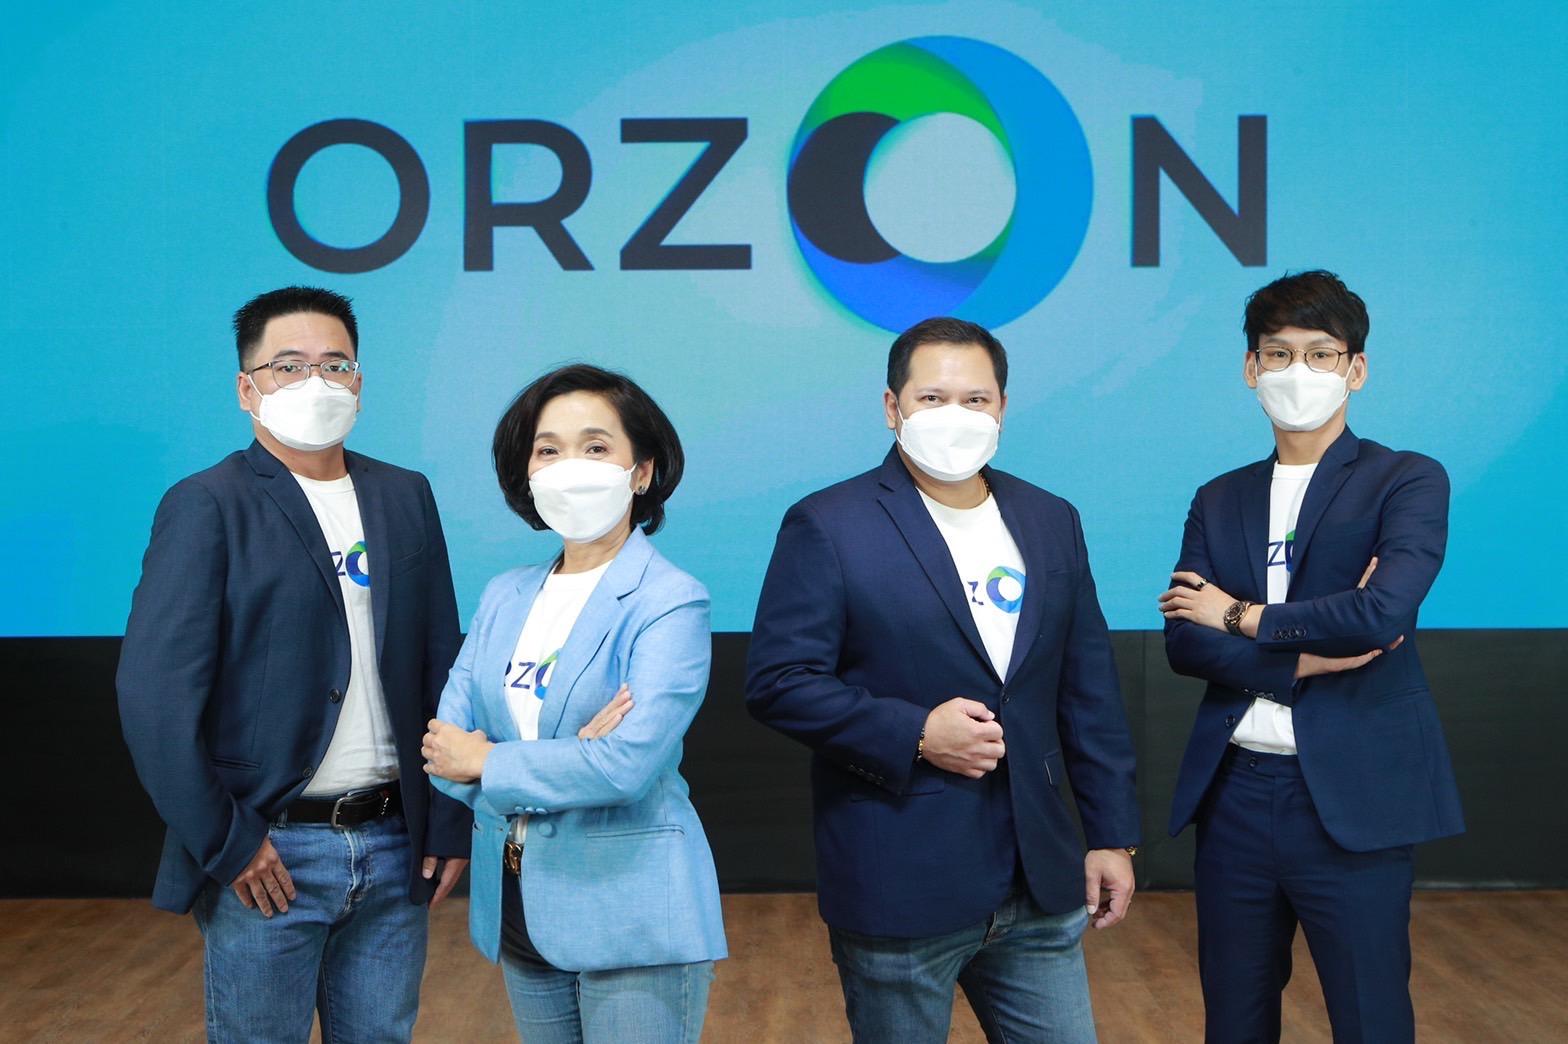 เส้นทางน็อนออยล์ OR จาก Flash สู่ ORZON – เศรษฐกิจ